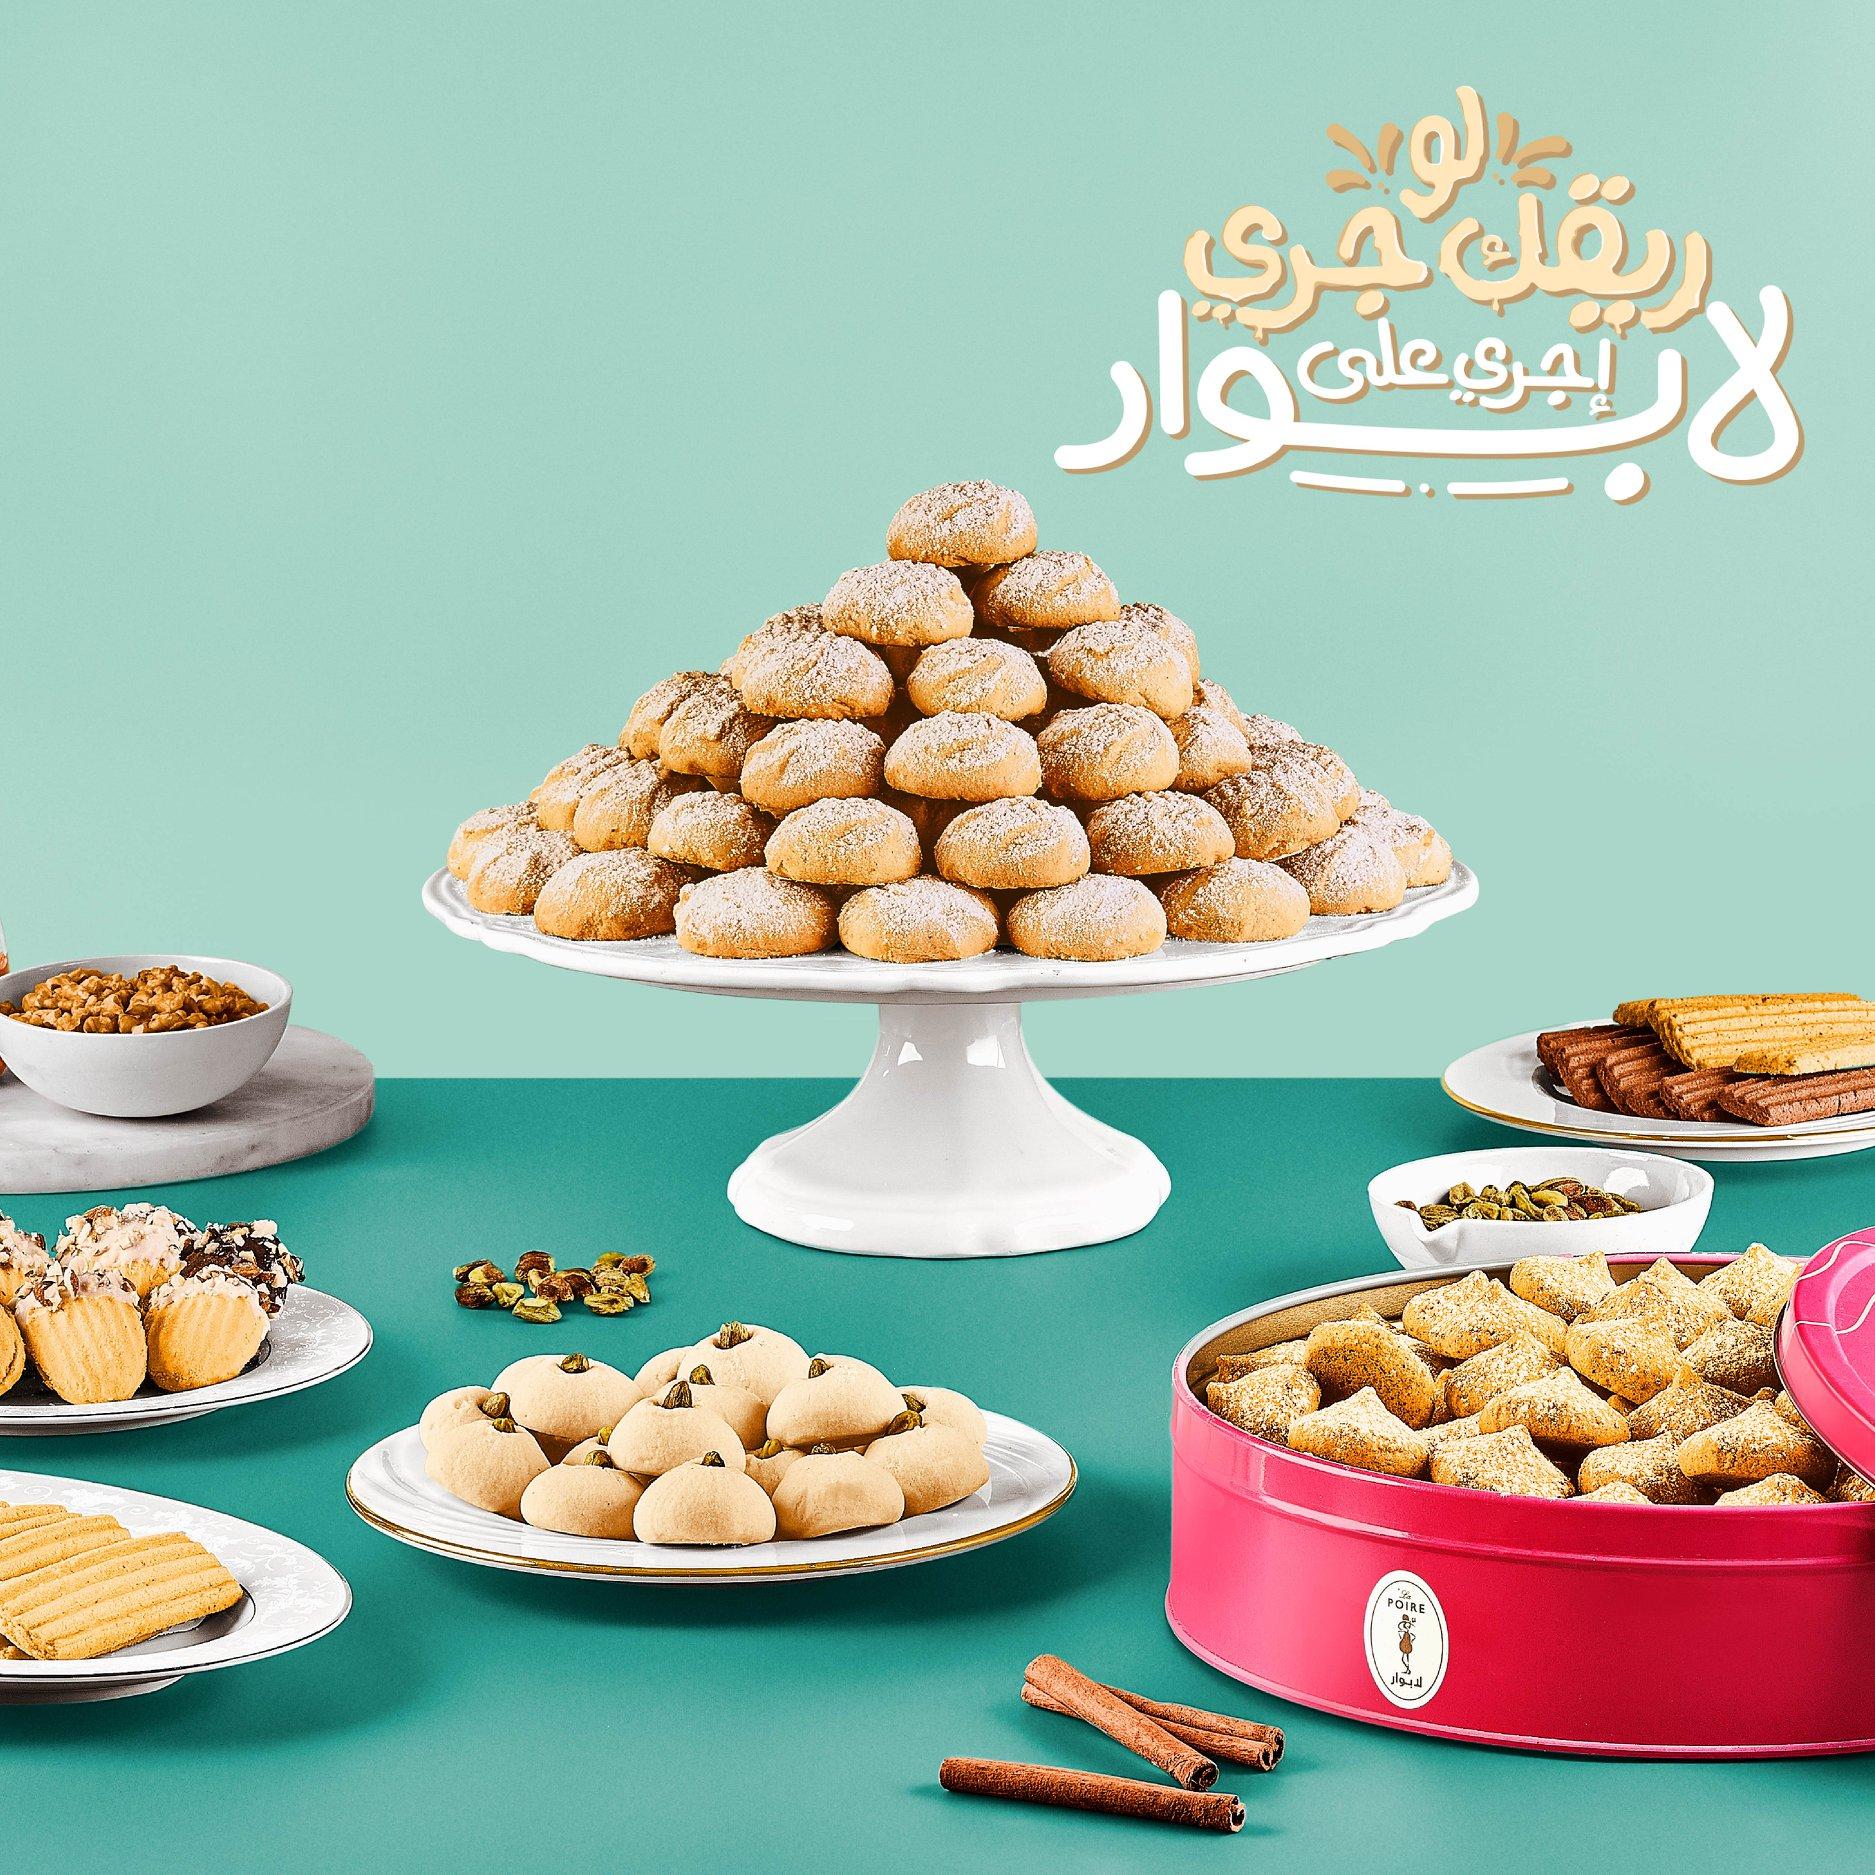 اسعار كحك العيد 2021 من لابوار